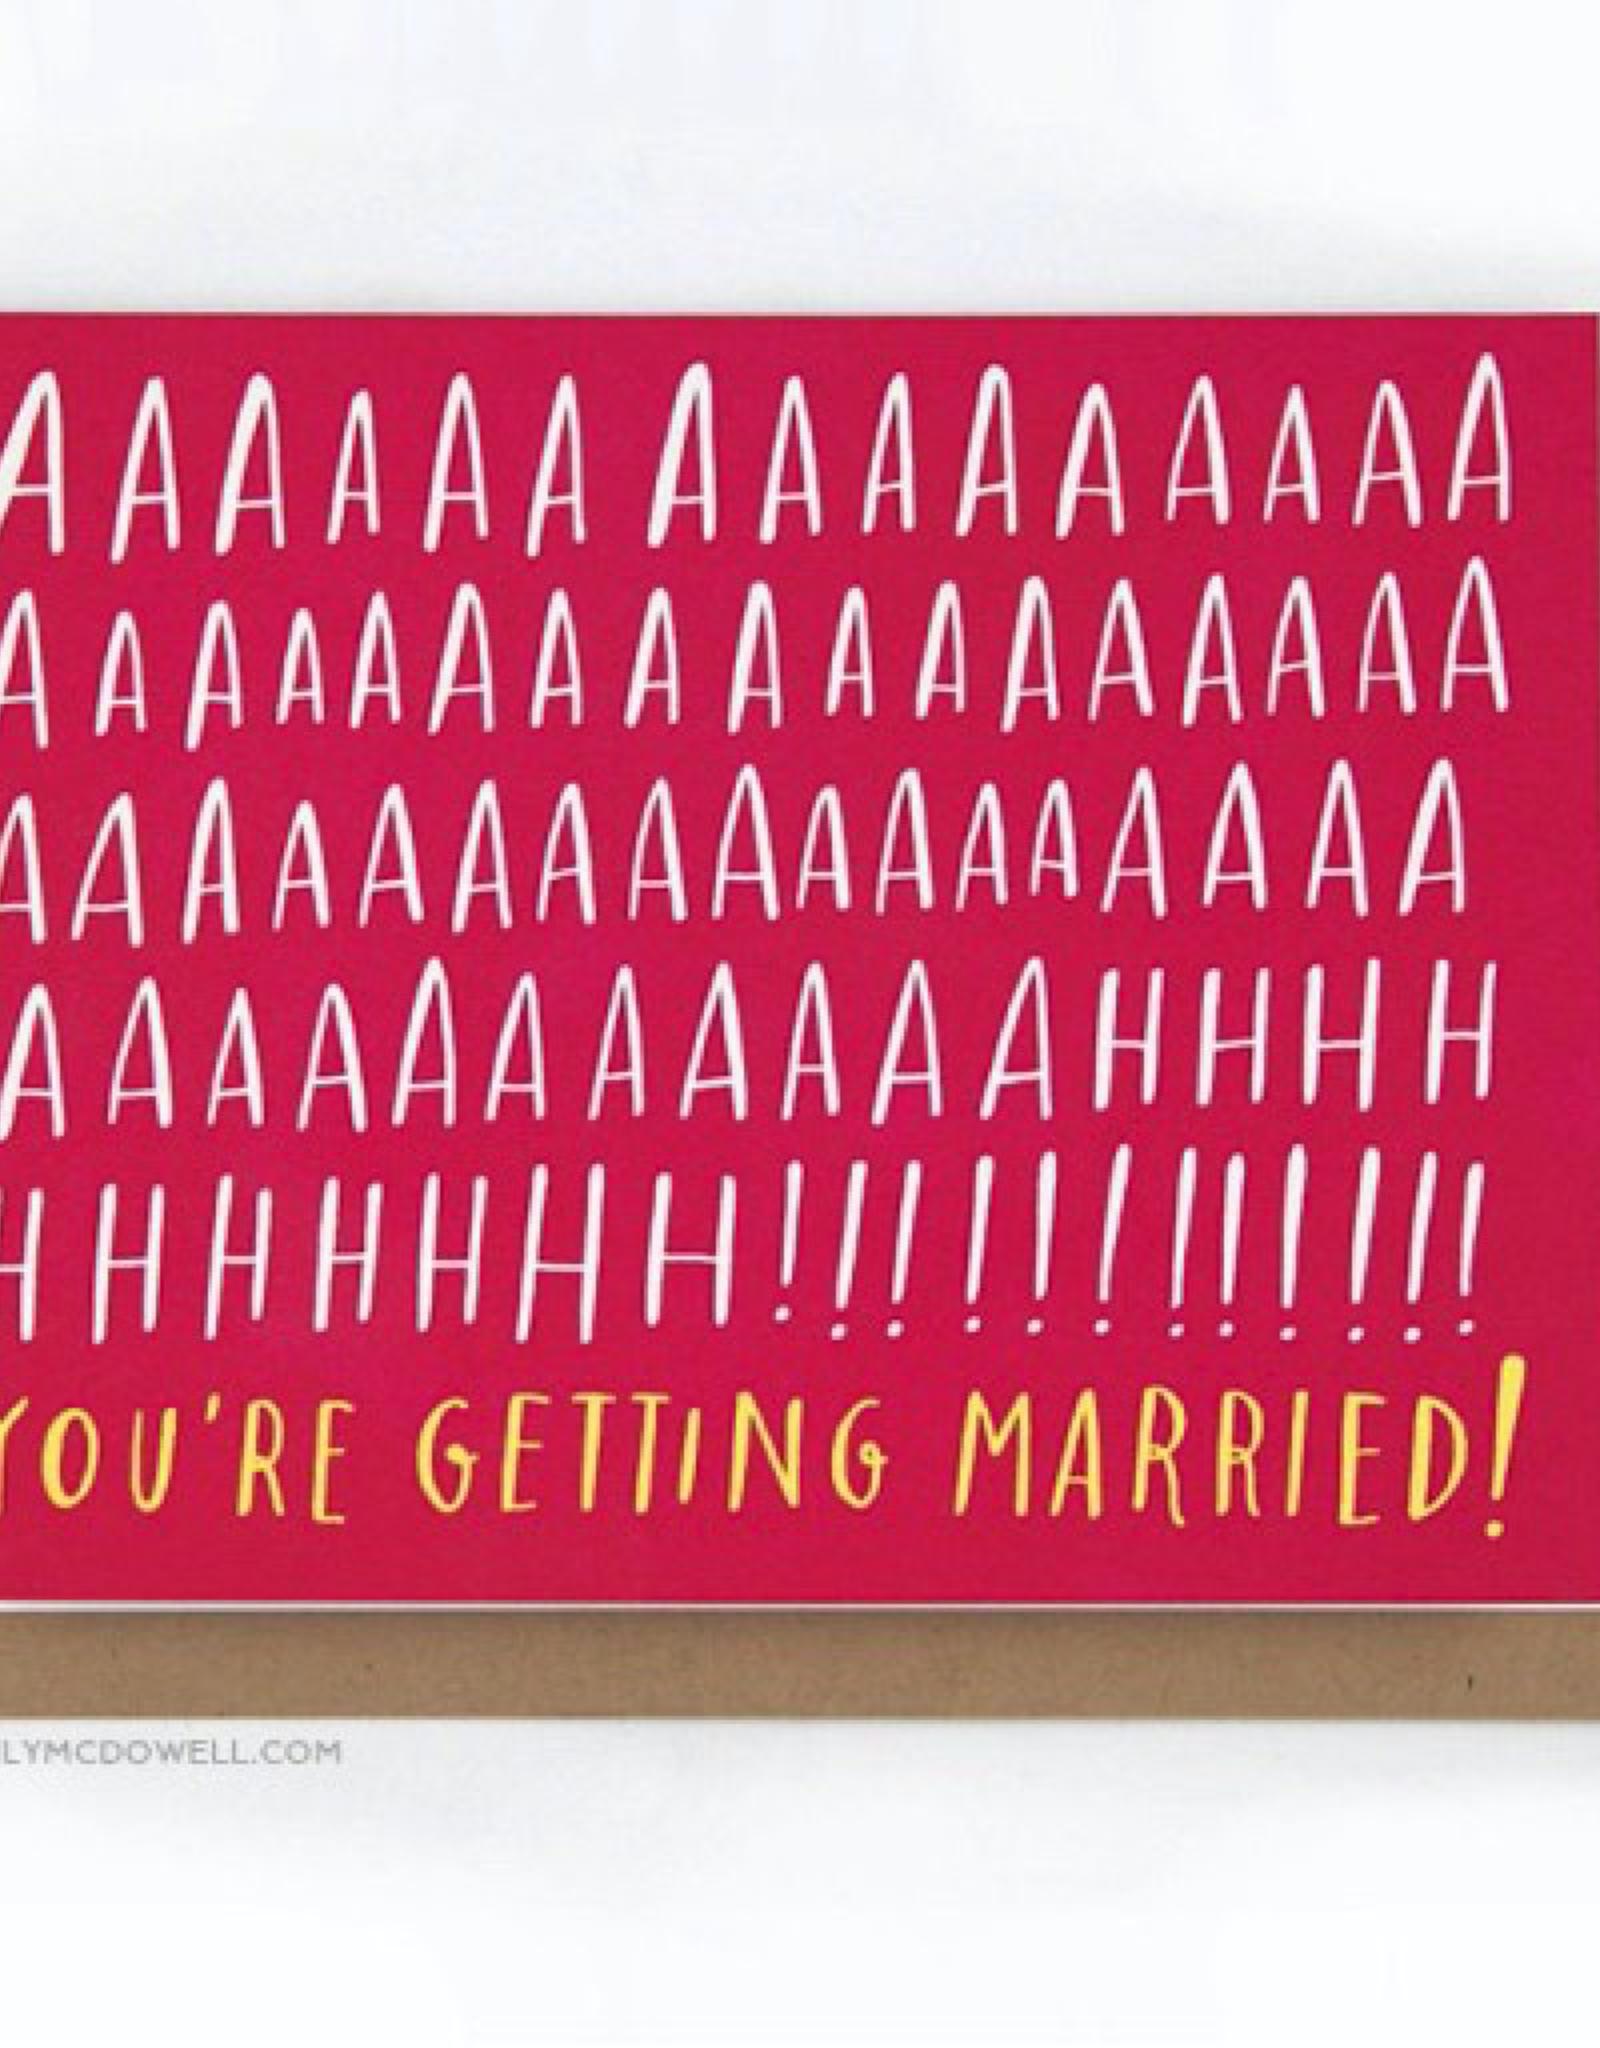 AHHH Married Card